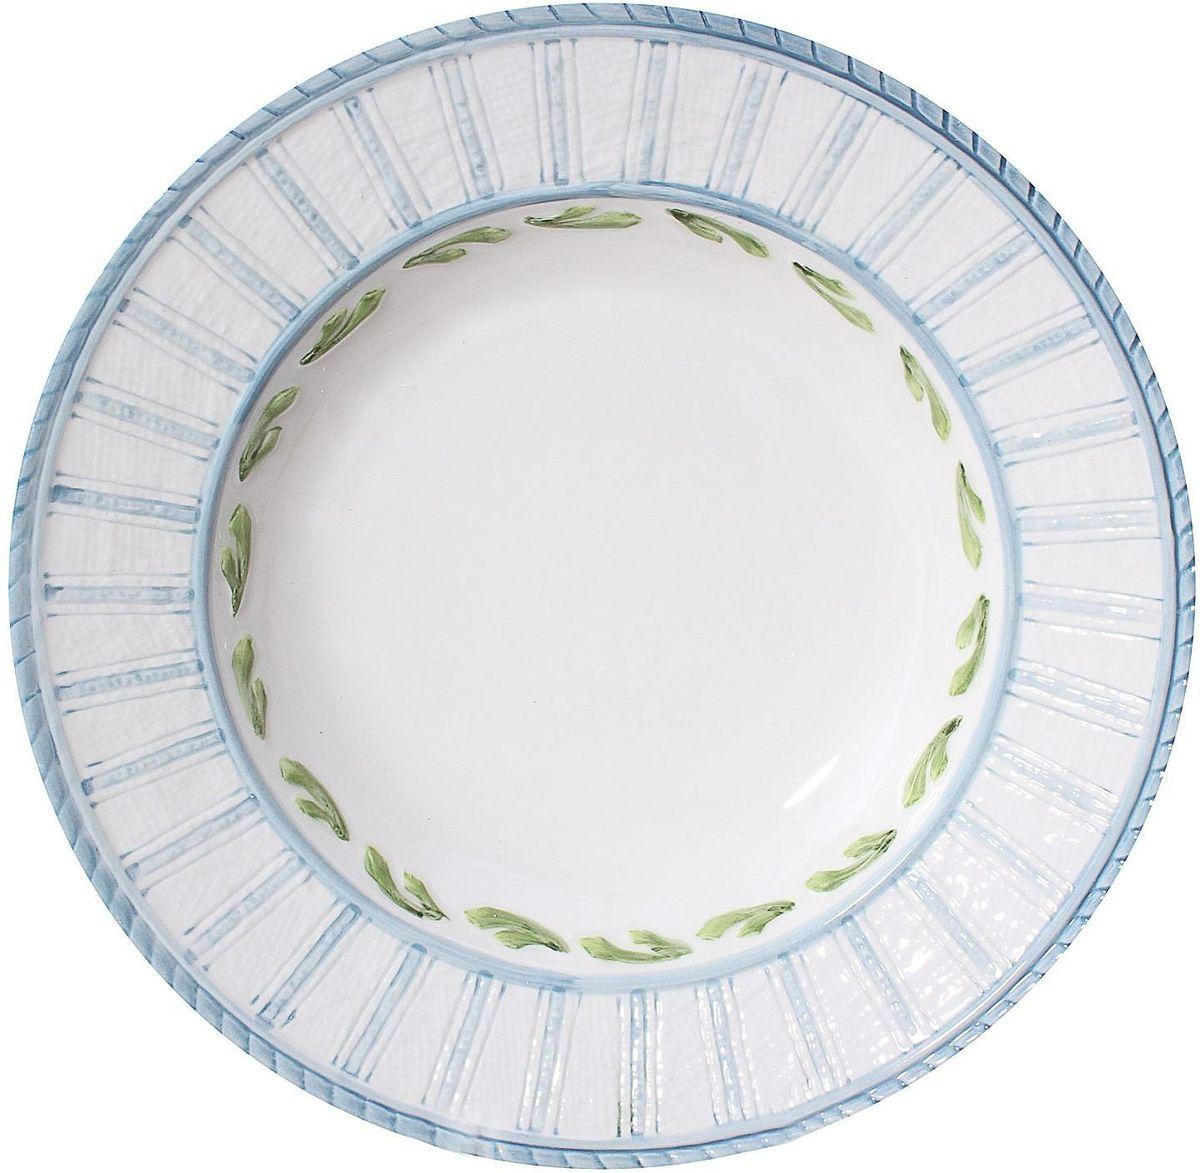 Тарелка суповая Lamart Морская жизнь, диаметр 25 см133244Любите качественные, а вместе с этим стильные и запоминающиеся вещи? Тогда вы наверняка оцените замечательную тарелку серии Морская жизнь известной итальянской марки Lamart. Светлая бело-голубая, глубокая, но словно совсем невесомая тарелка с нежно-зеленым орнаментом станет замечательным украшением стола, добавит ему радостного и солнечного настроения: не правда ли, кажется, что она буквально пропитана свежим морским бризом и средиземноморским солнцем? Такие тарелки будут прекрасным подарком хозяйке дома, знающей толк в изысканных и элегантных вещах.